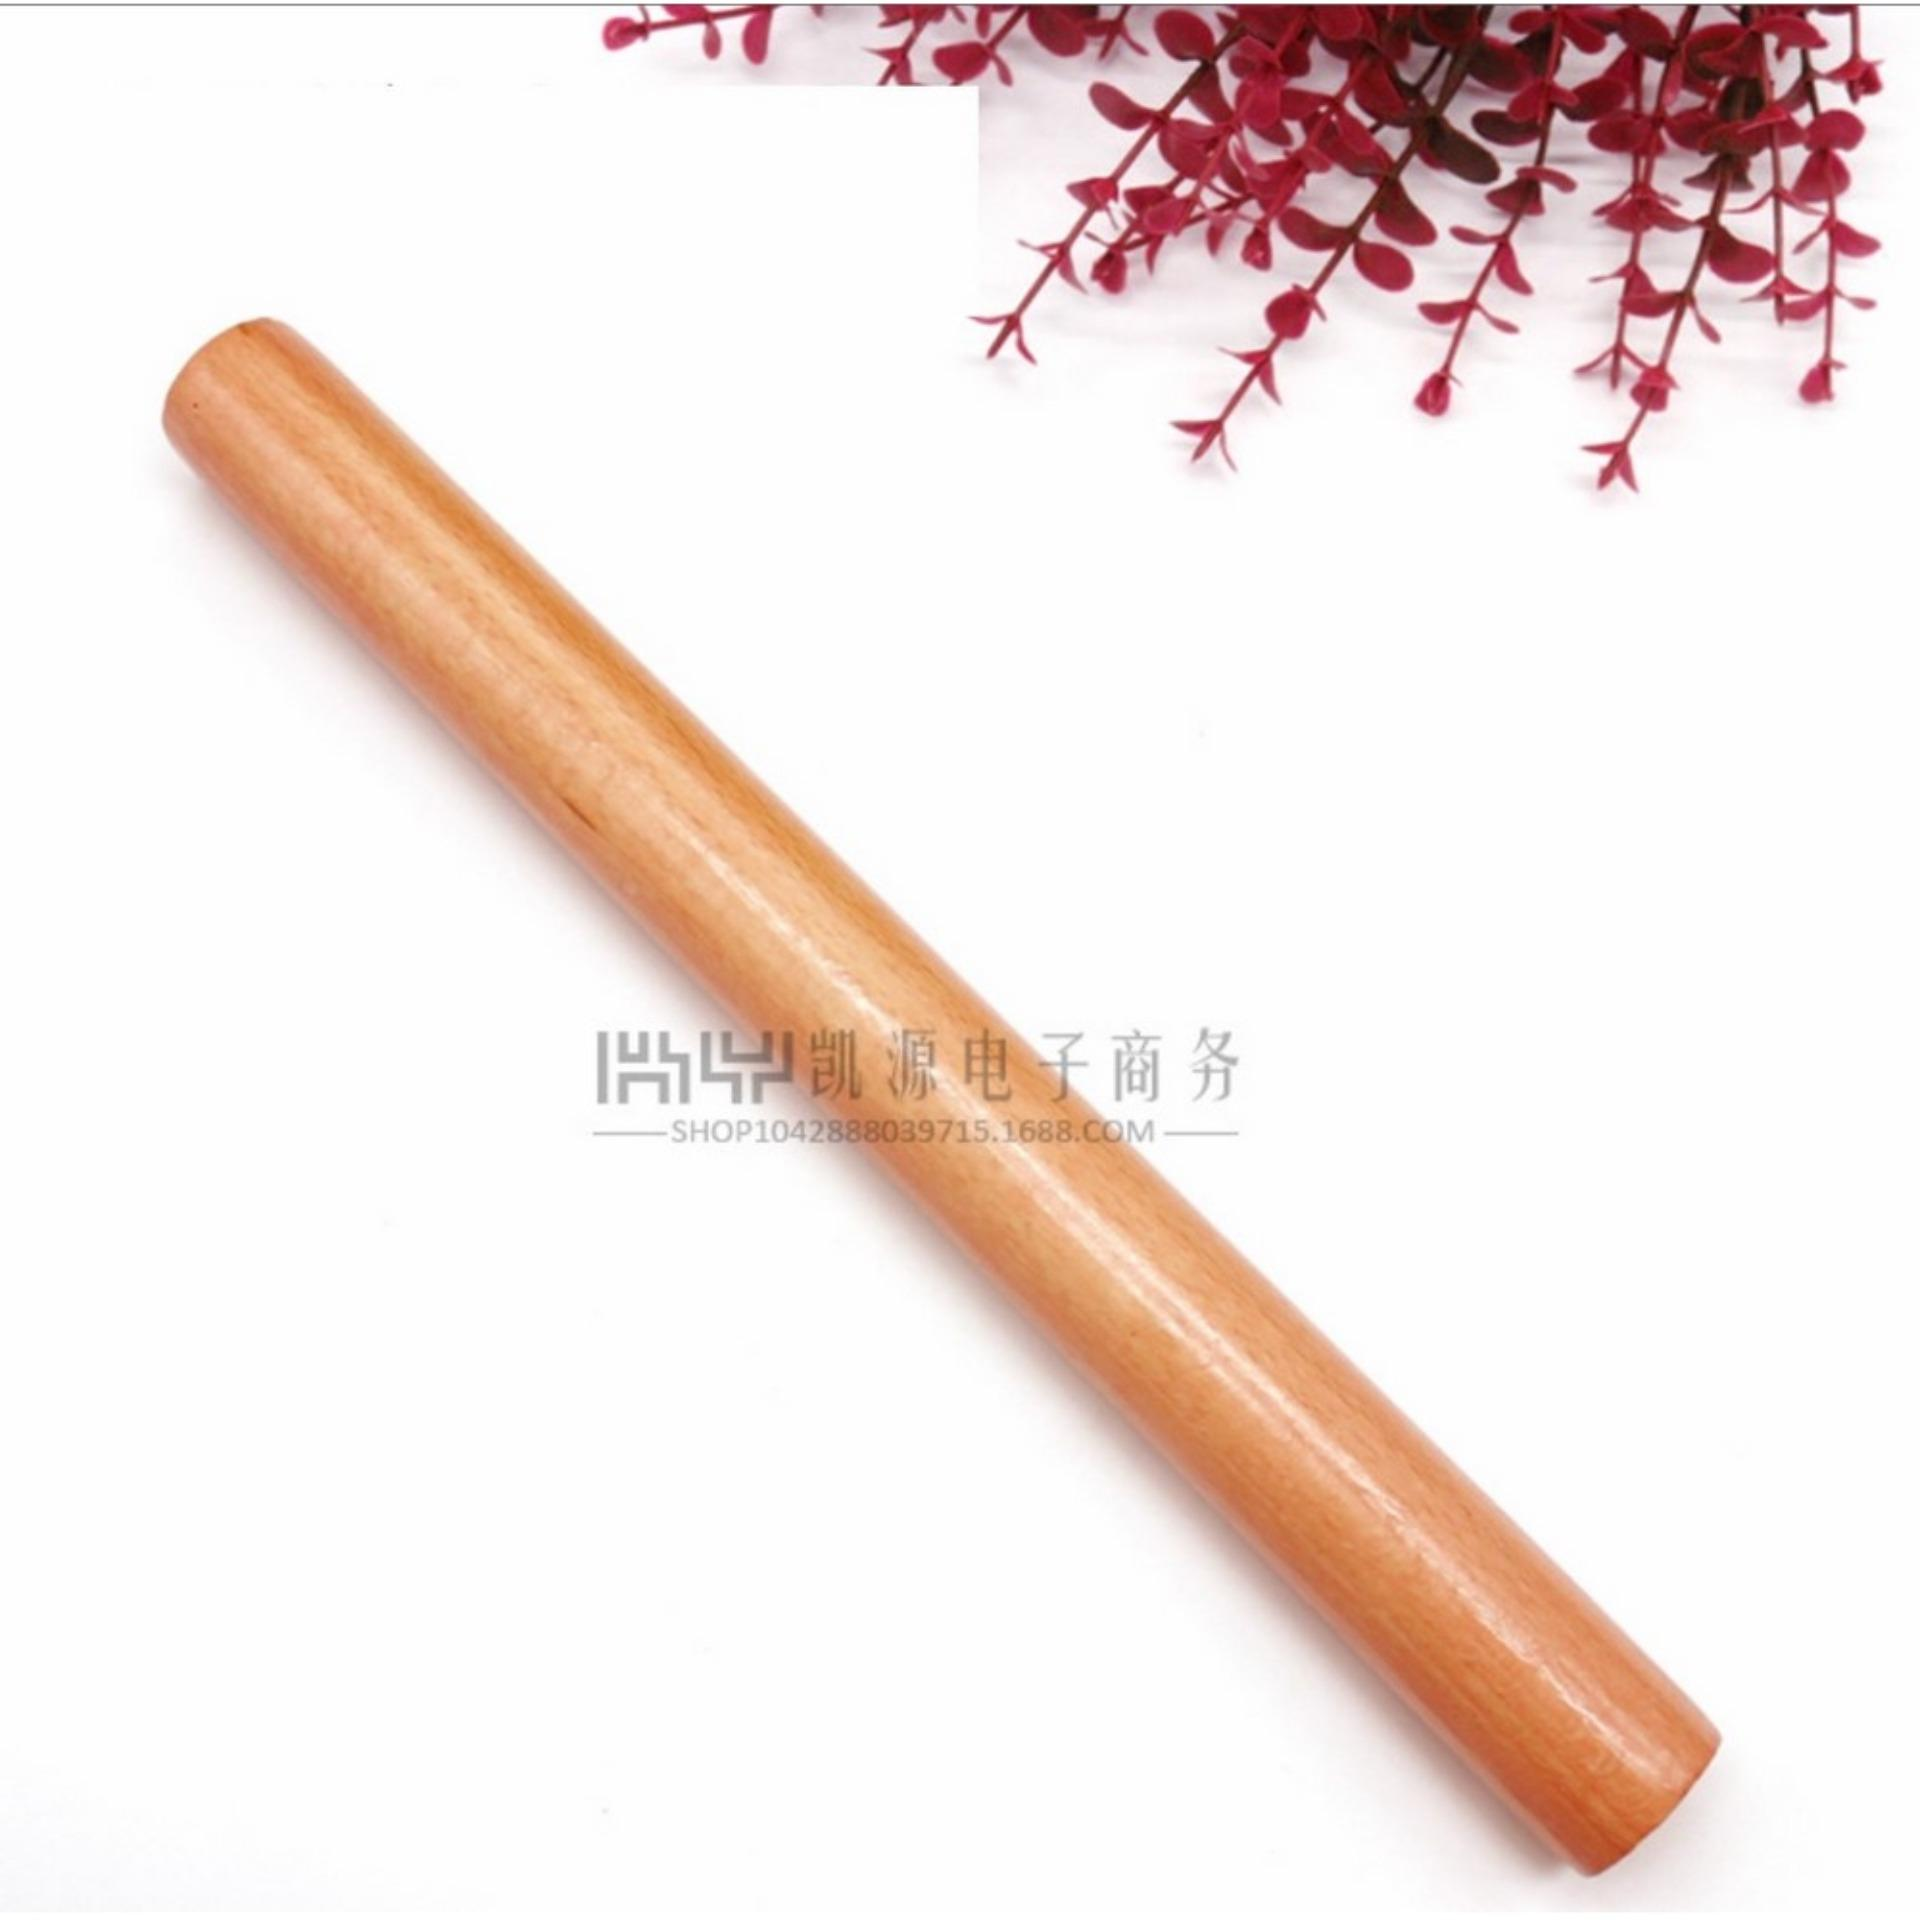 Cán lăn gỗ 30cm